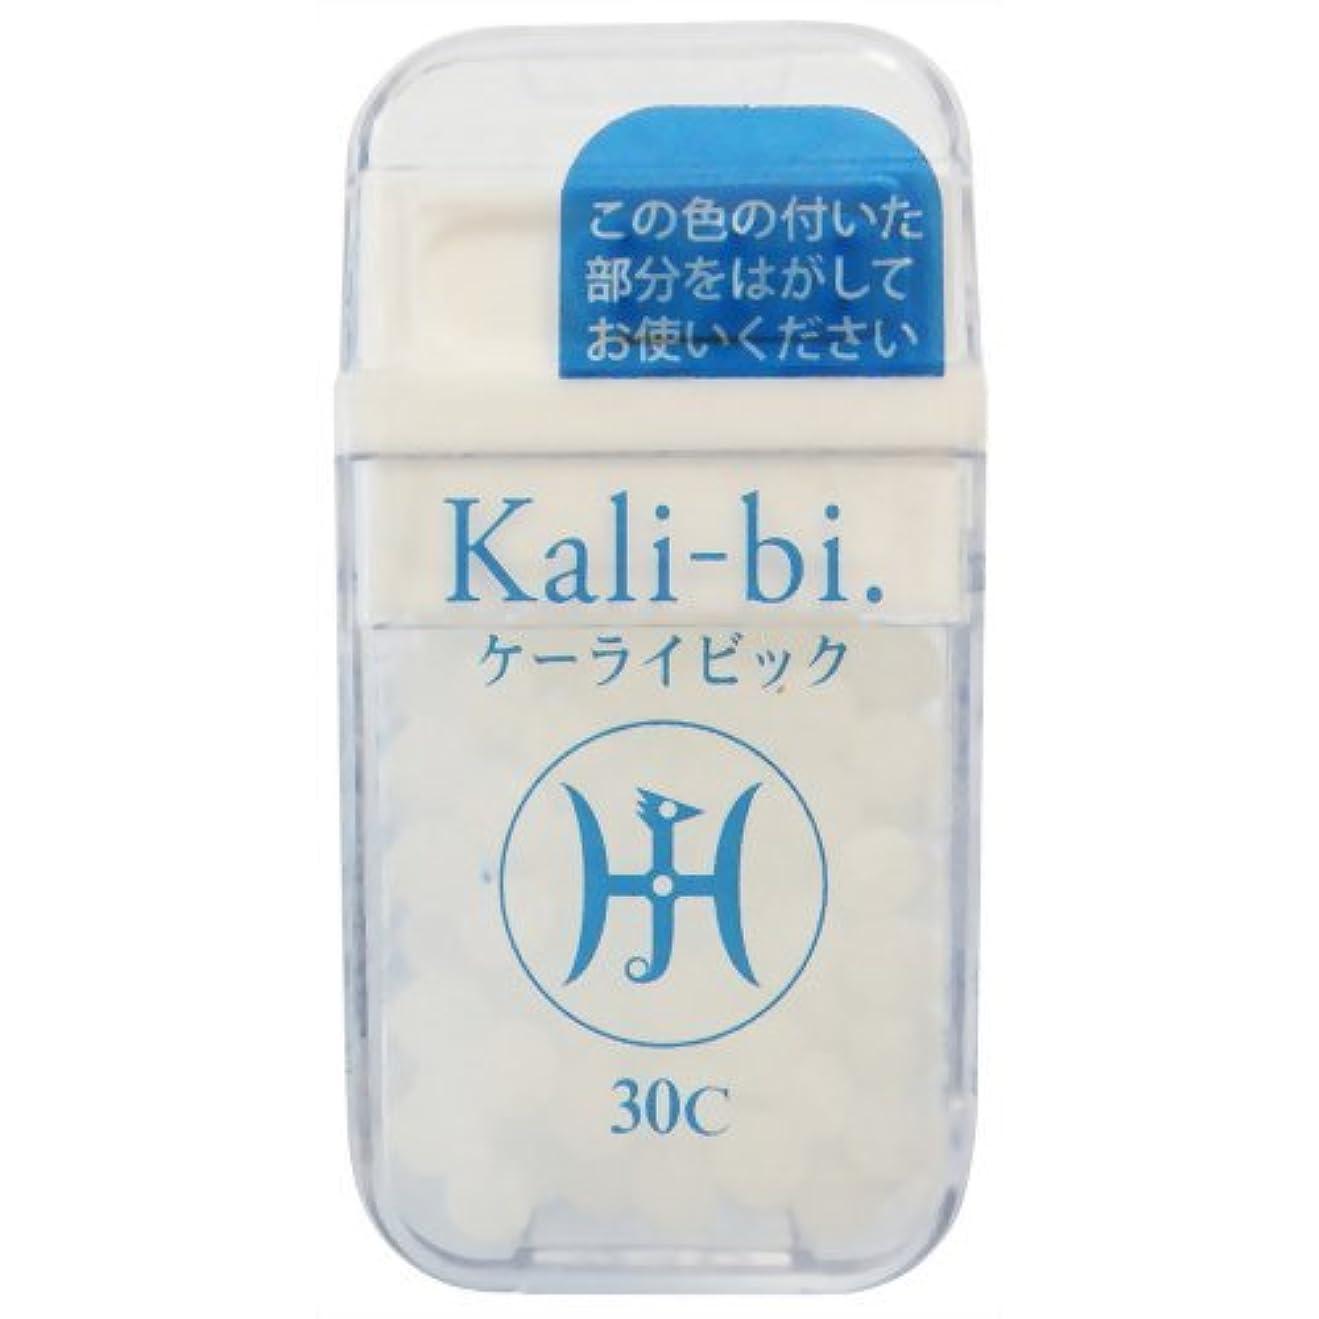 ホメオパシージャパンレメディー Kali-bi.  ケーライビック 30C (大ビン)